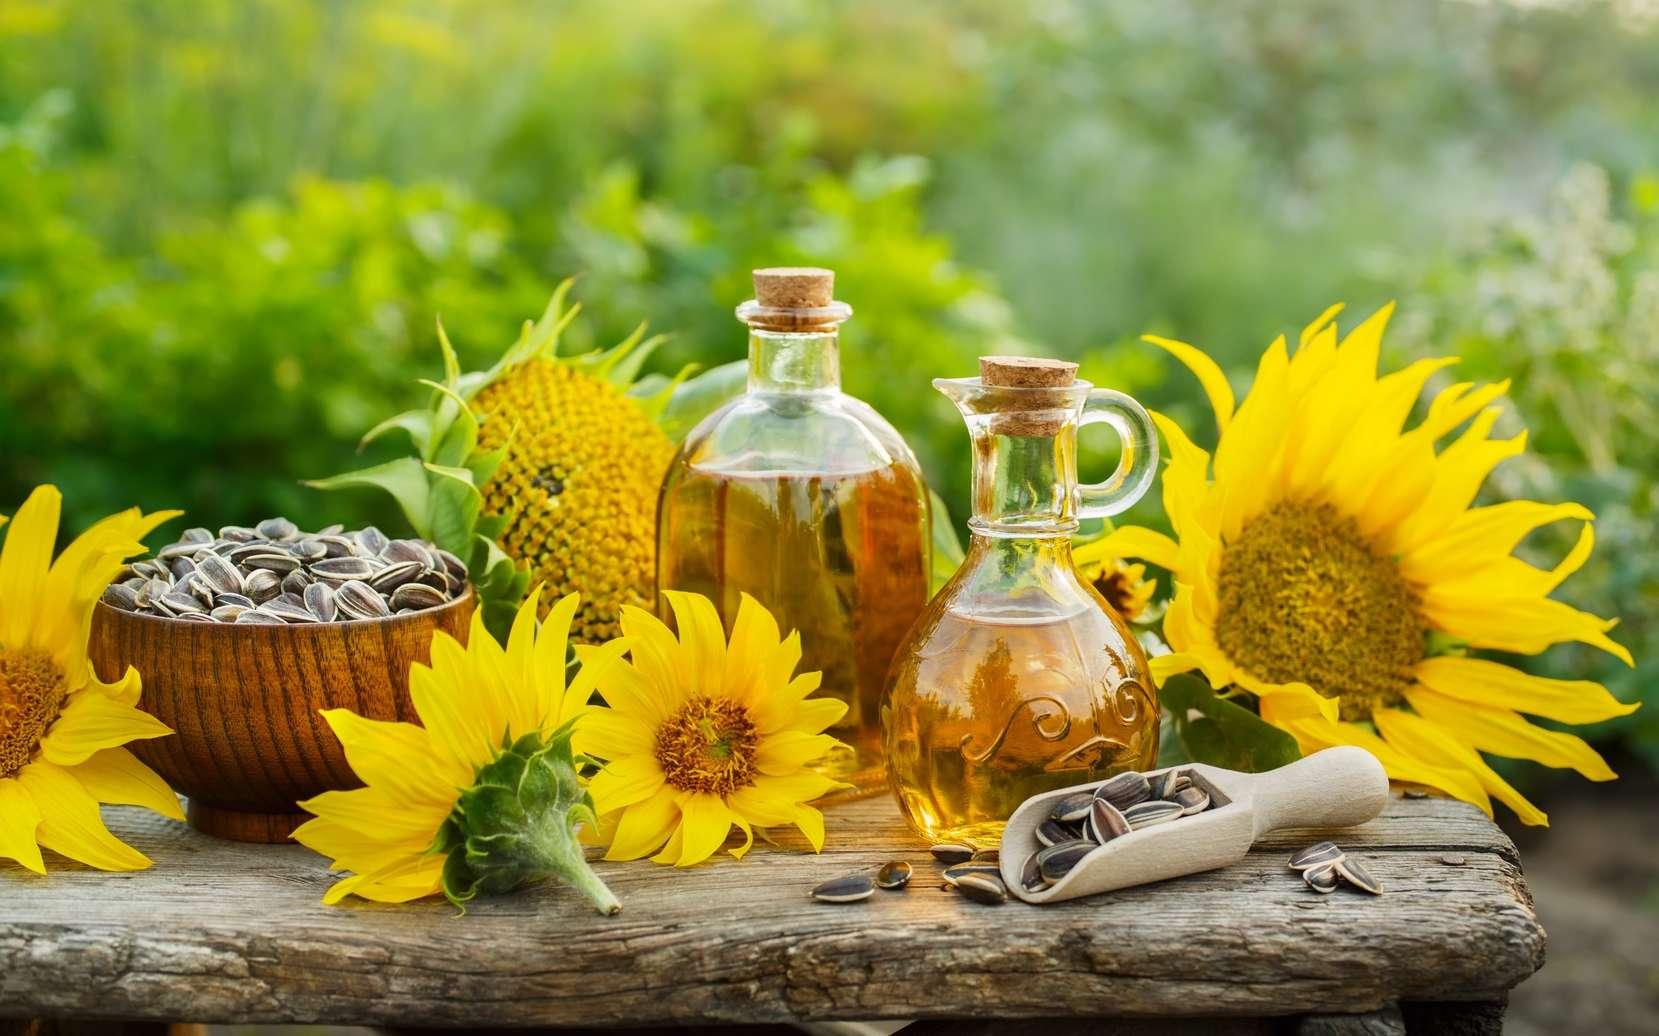 L'huile de tournesol est riche en acides gras oméga-6. © valya82, Fotolia